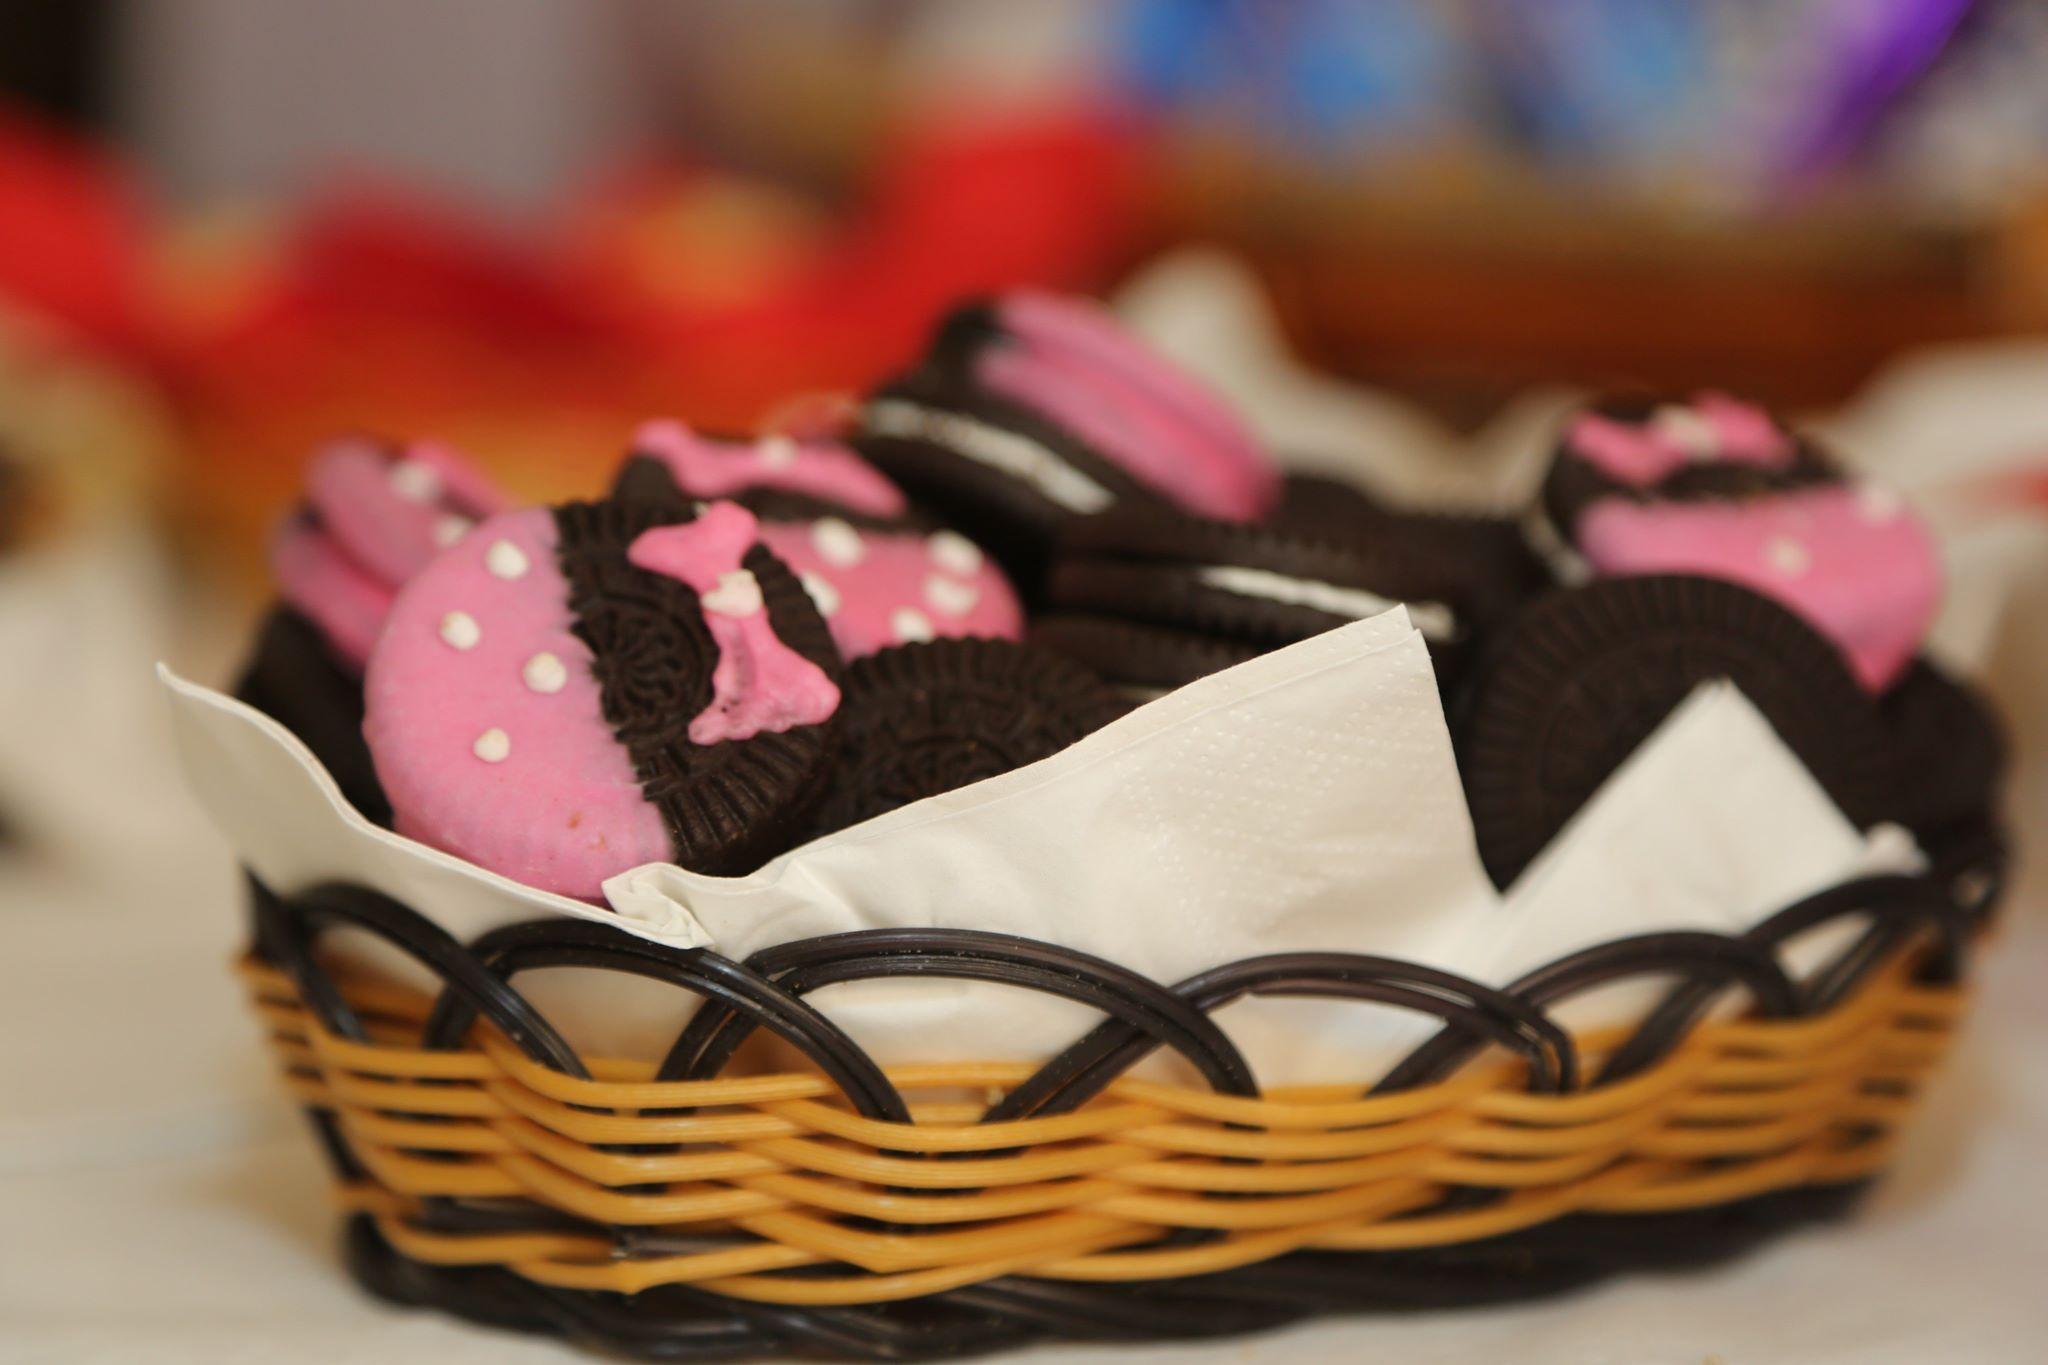 """60422204_2950966428248706_3016640292607492096_n """"Талх чихэр""""-ийн жигнэмэг эрүүл, аюулгүй, Хүүхдийн баярын хамгийн чанартай бэлэг"""